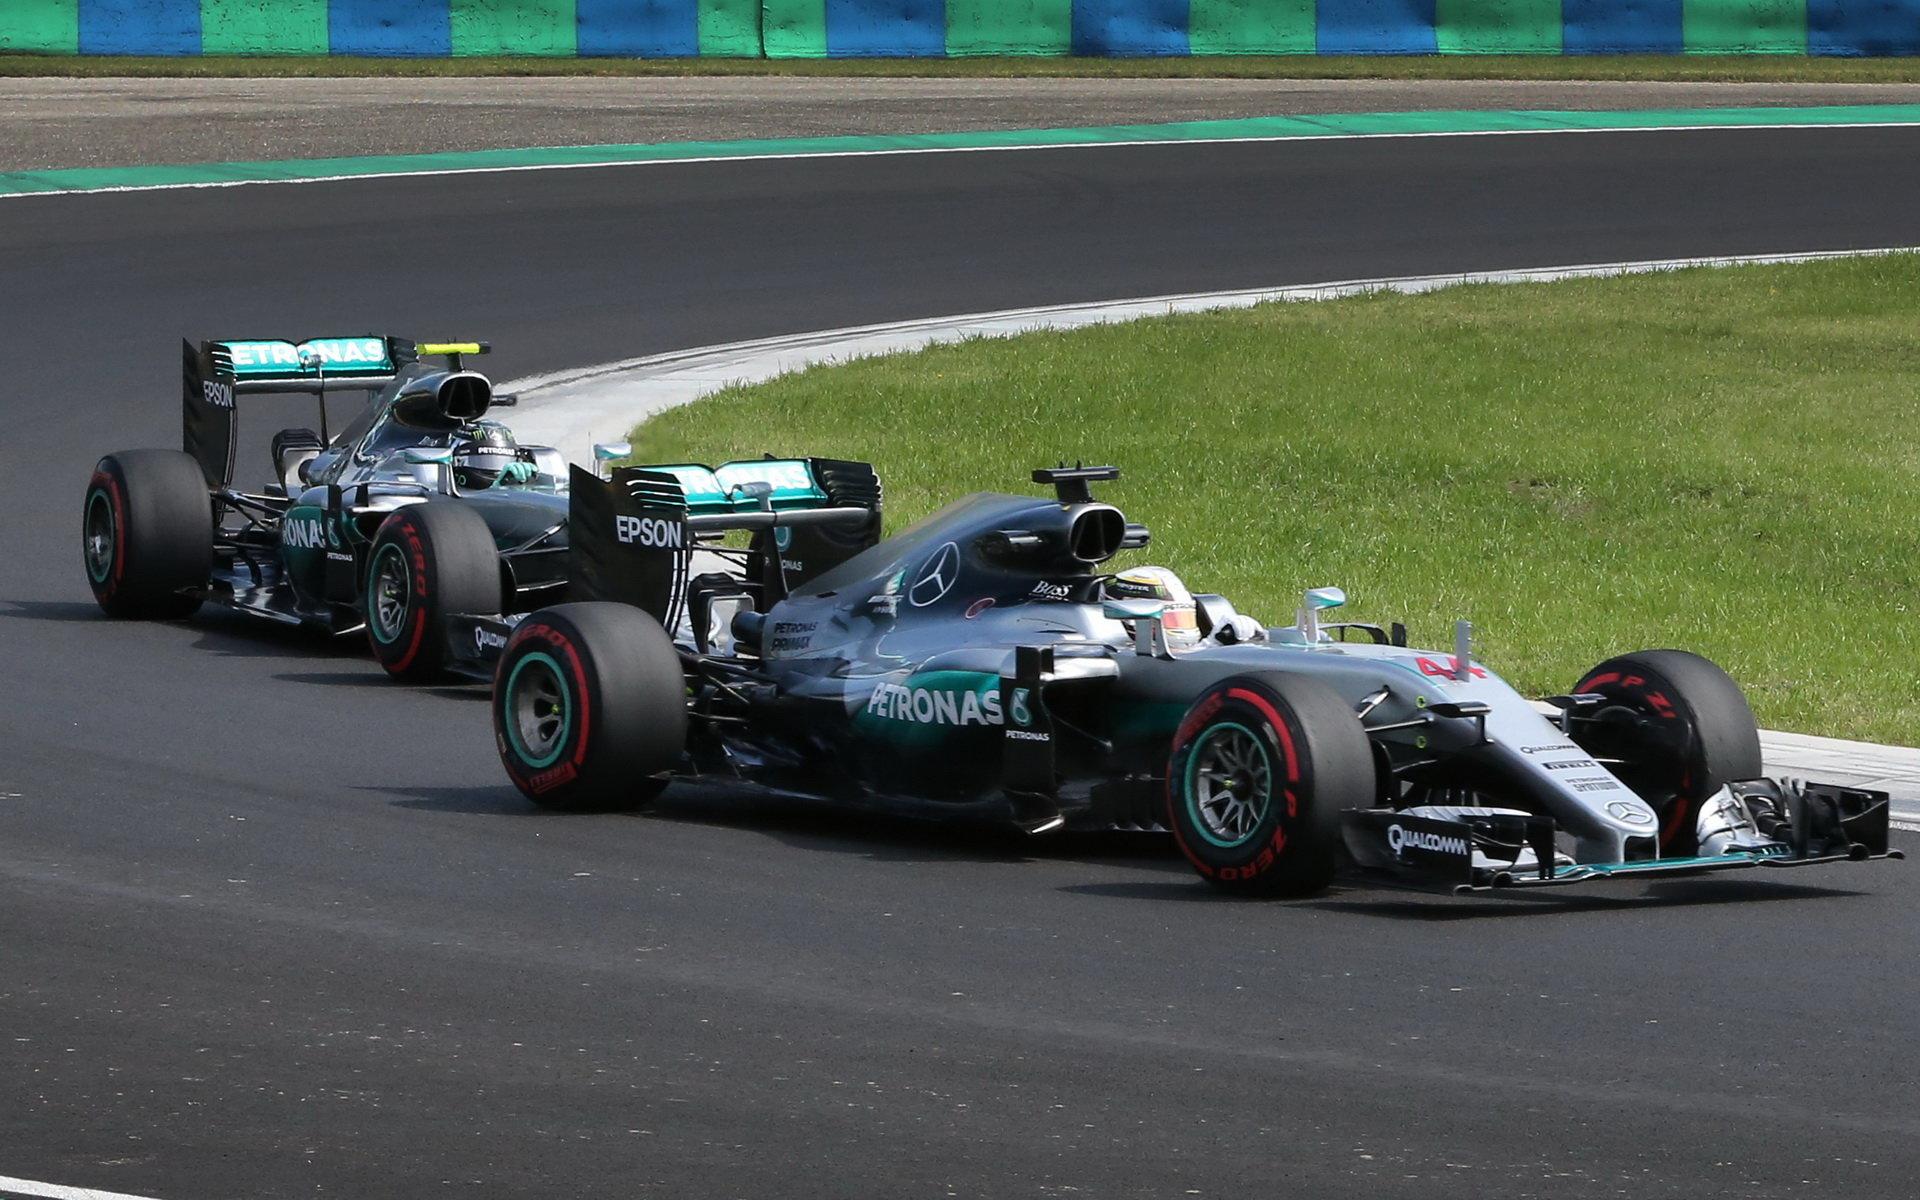 ANALÝZA SEKTORŮ: Mohl Hamilton vyhrát? Rosberg dosáhl 321,4 km/h + VIDEO - anotační foto